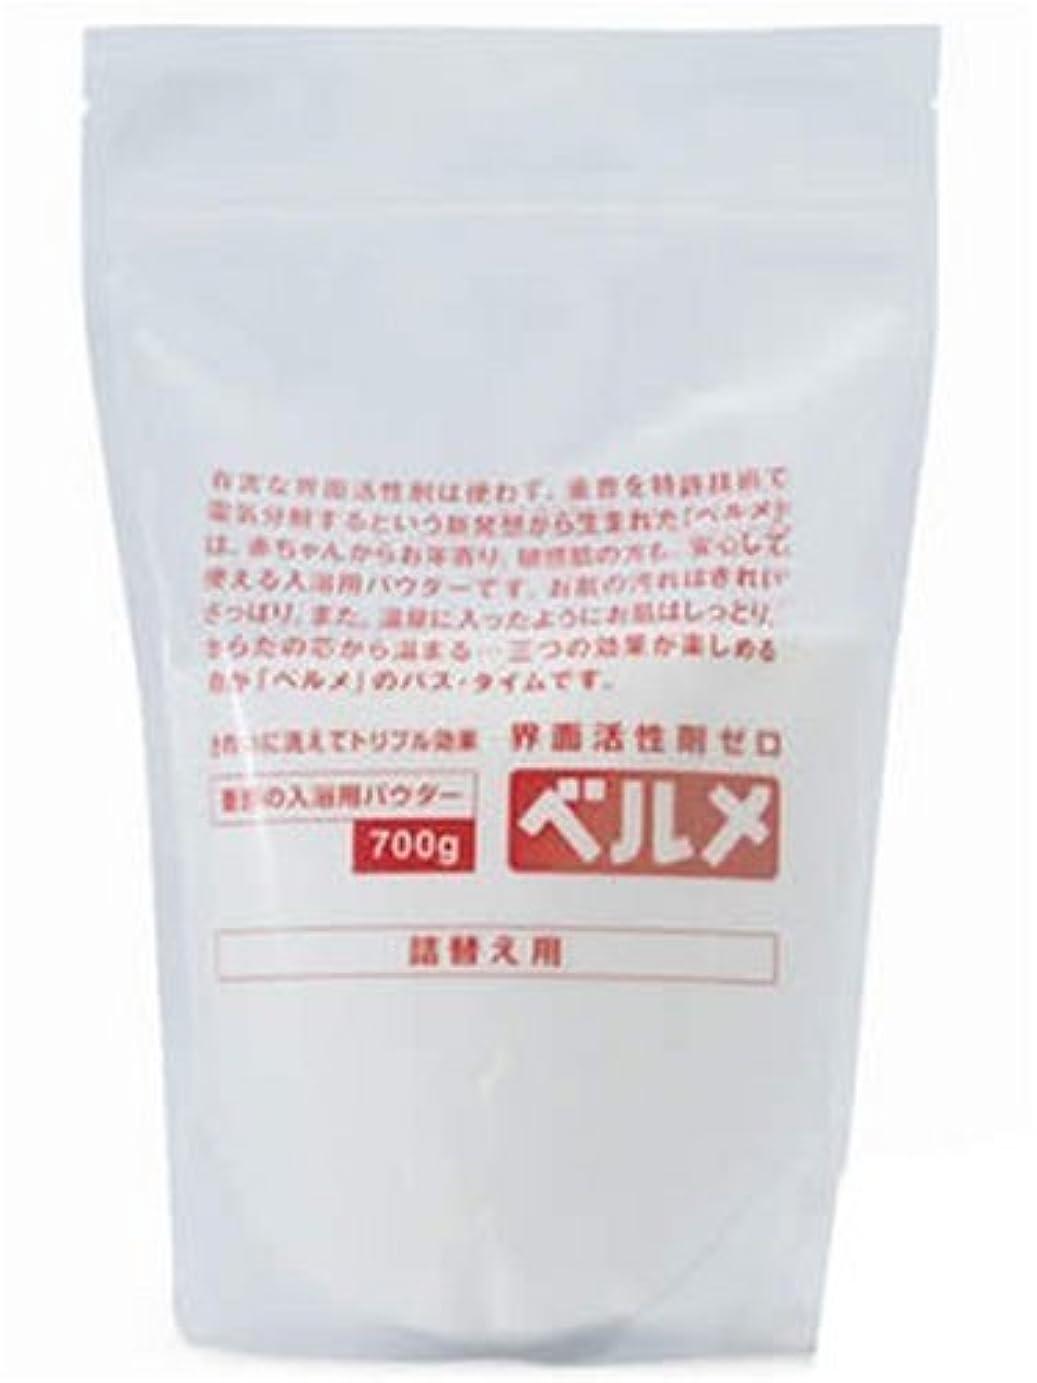 ペン原子炉思いやりベルメ 重曹入浴用パウダー(界面活性剤ゼロ) 700g